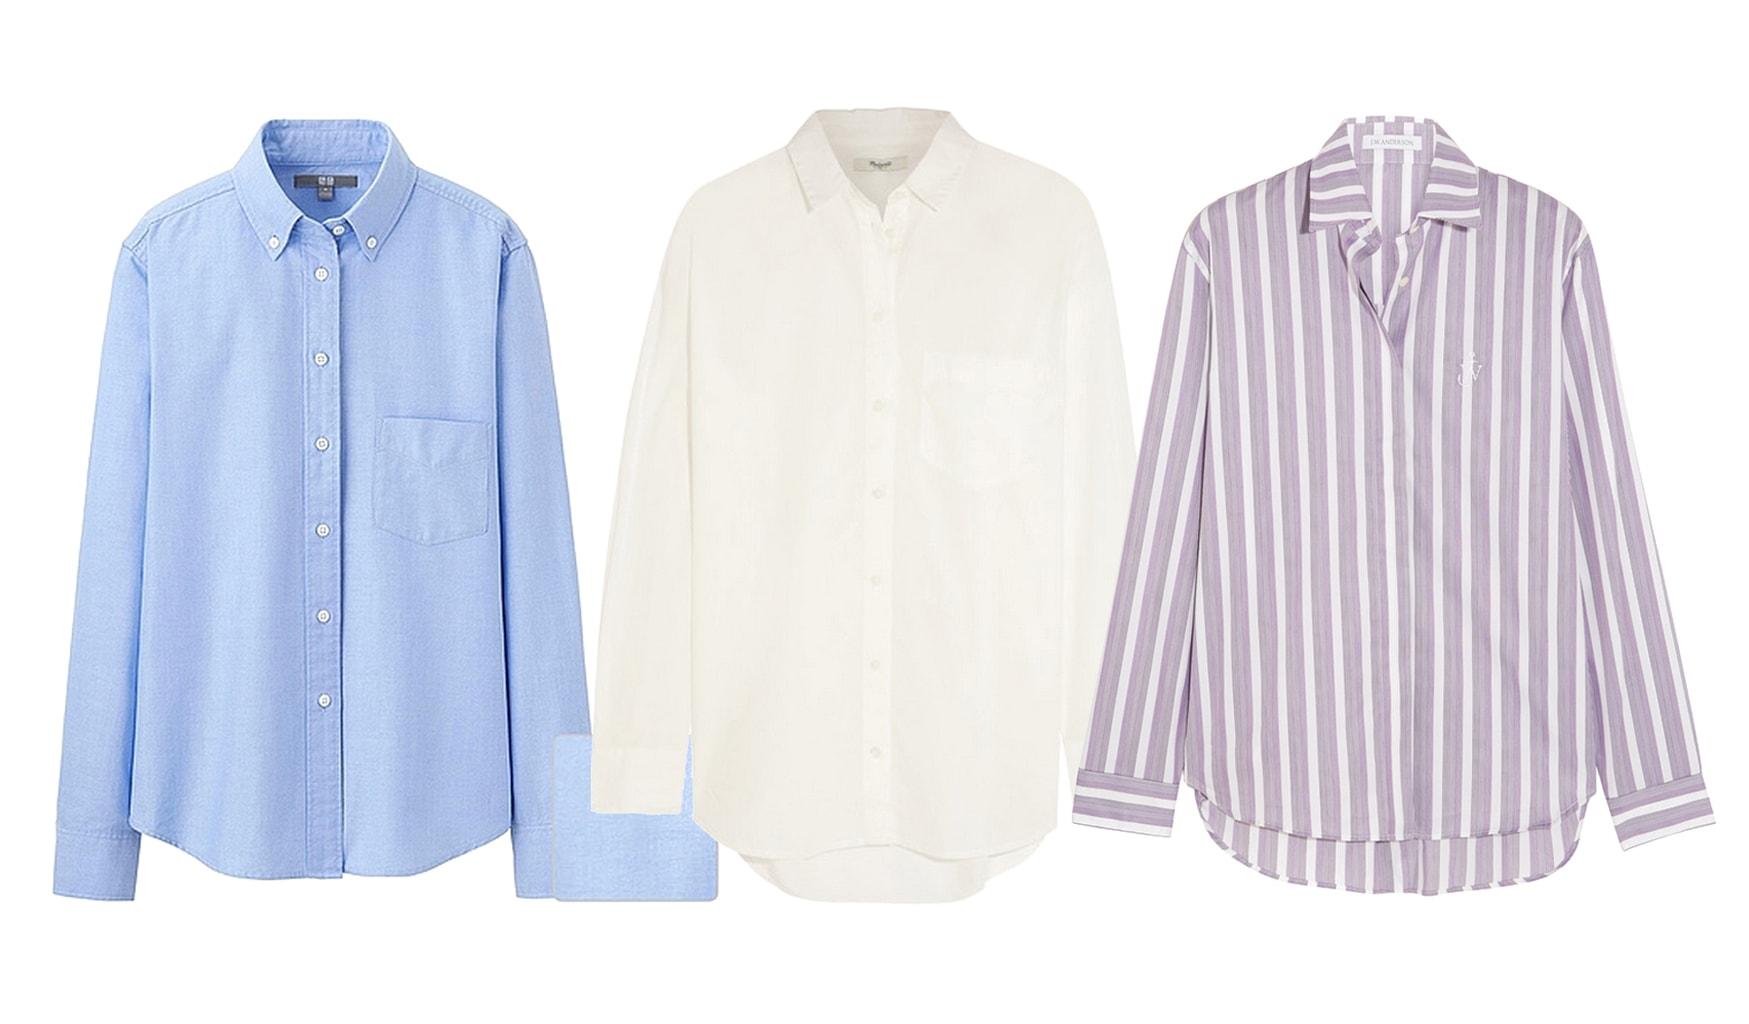 menswear button down oxford shirts